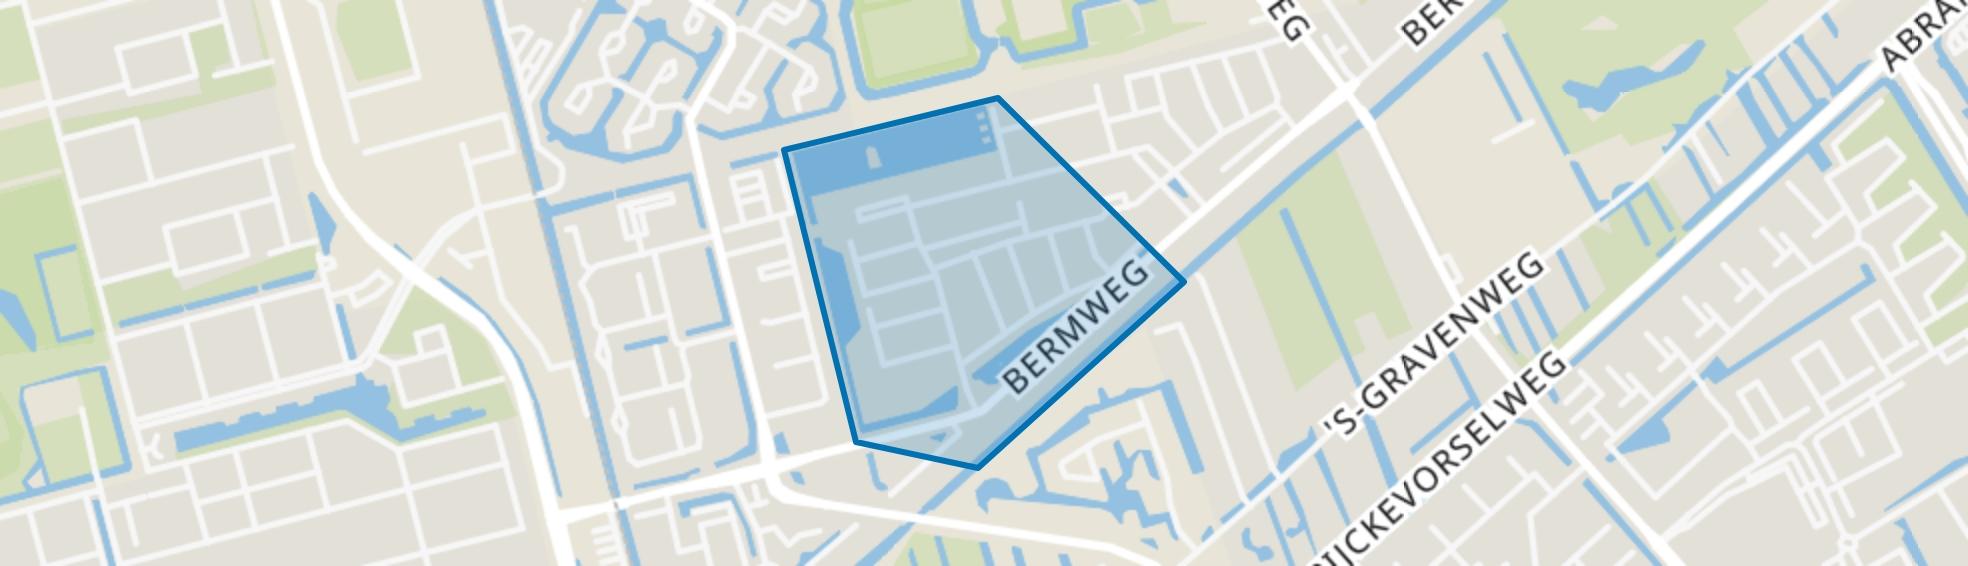 Bloemenbuurt-west, Capelle aan den IJssel map